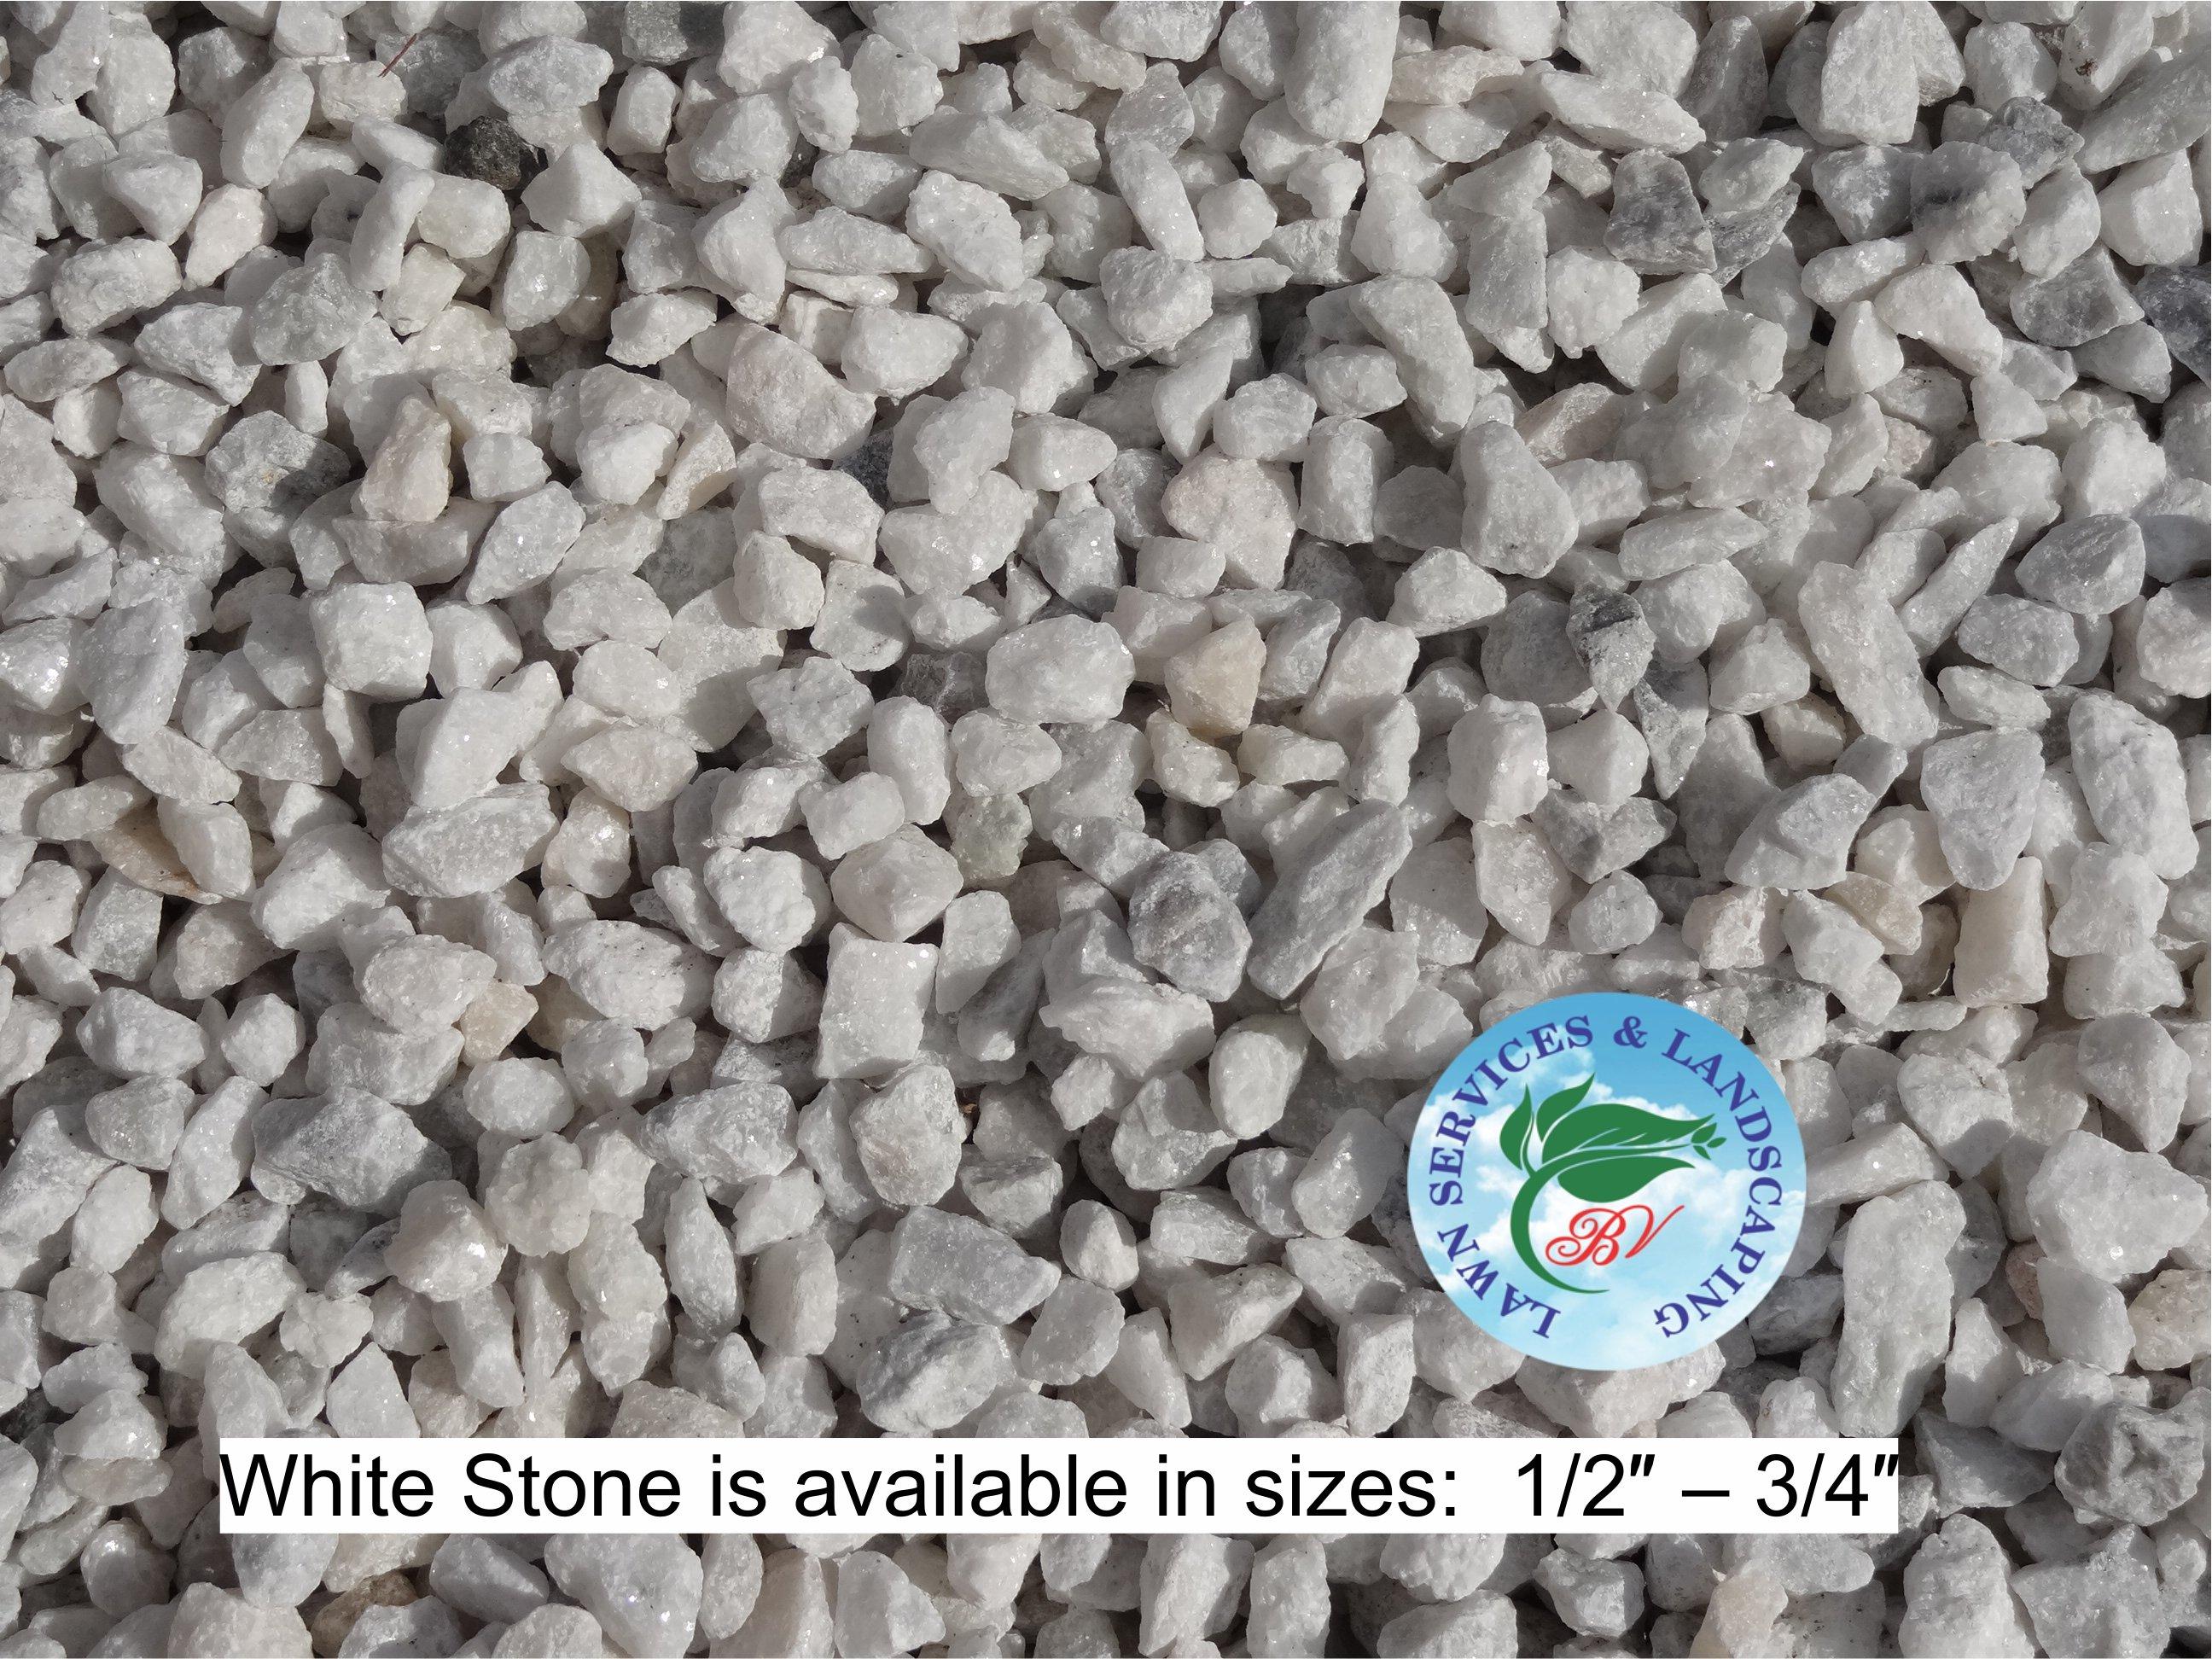 White Stone 1-2